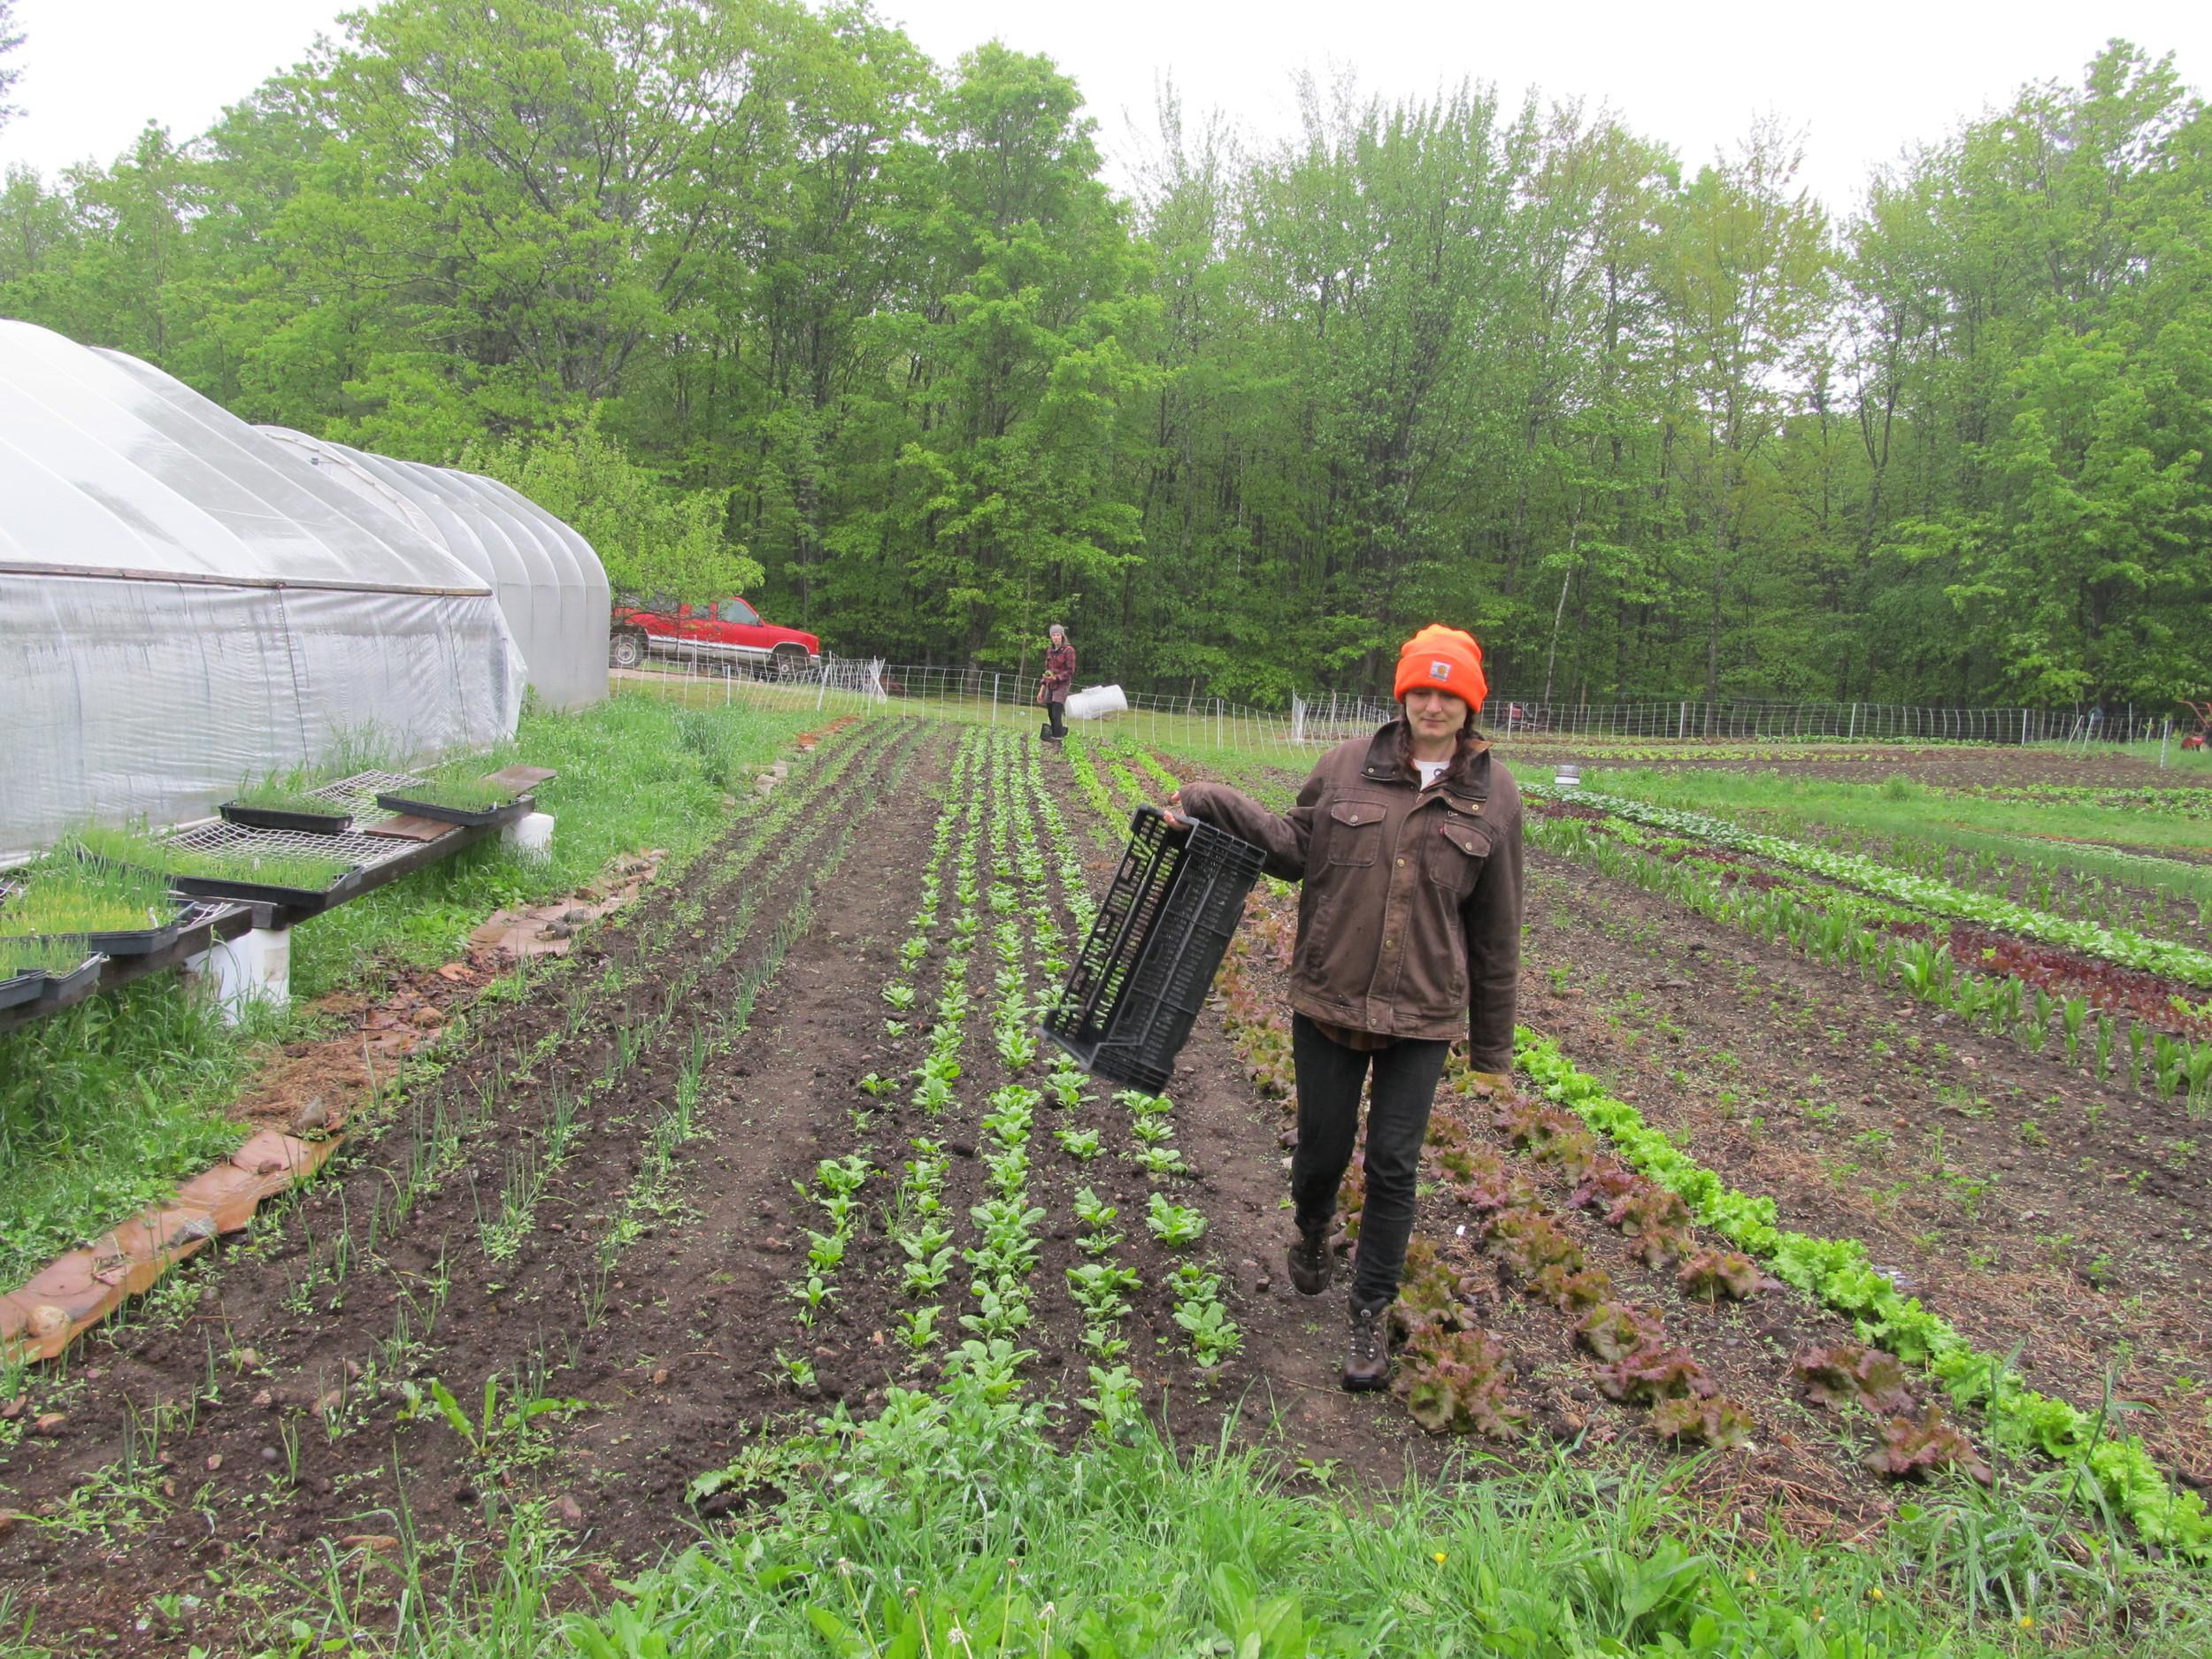 Abigail harvesting lettuce